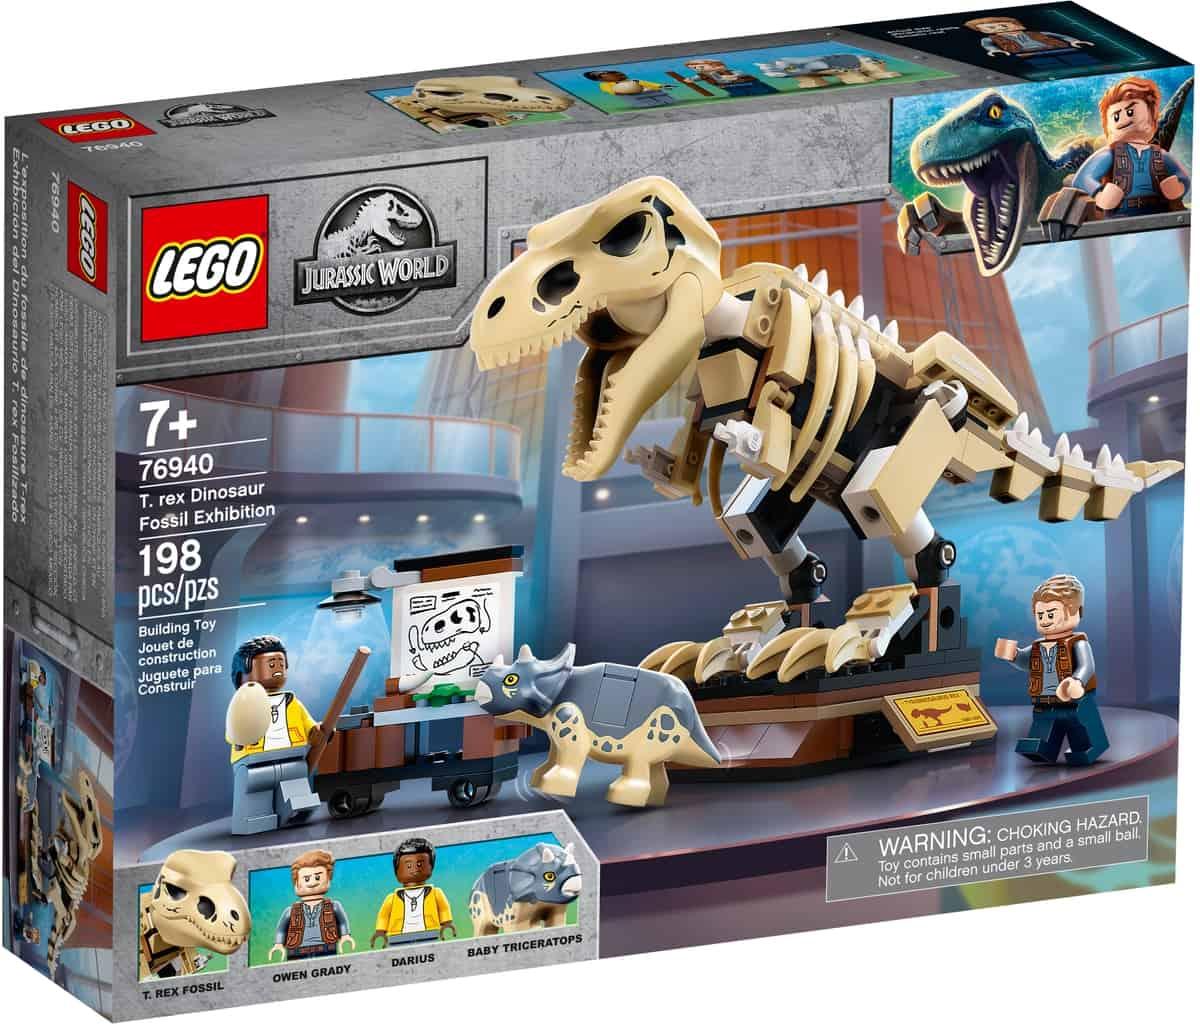 lego 76940 la mostra del fossile di dinosauro t